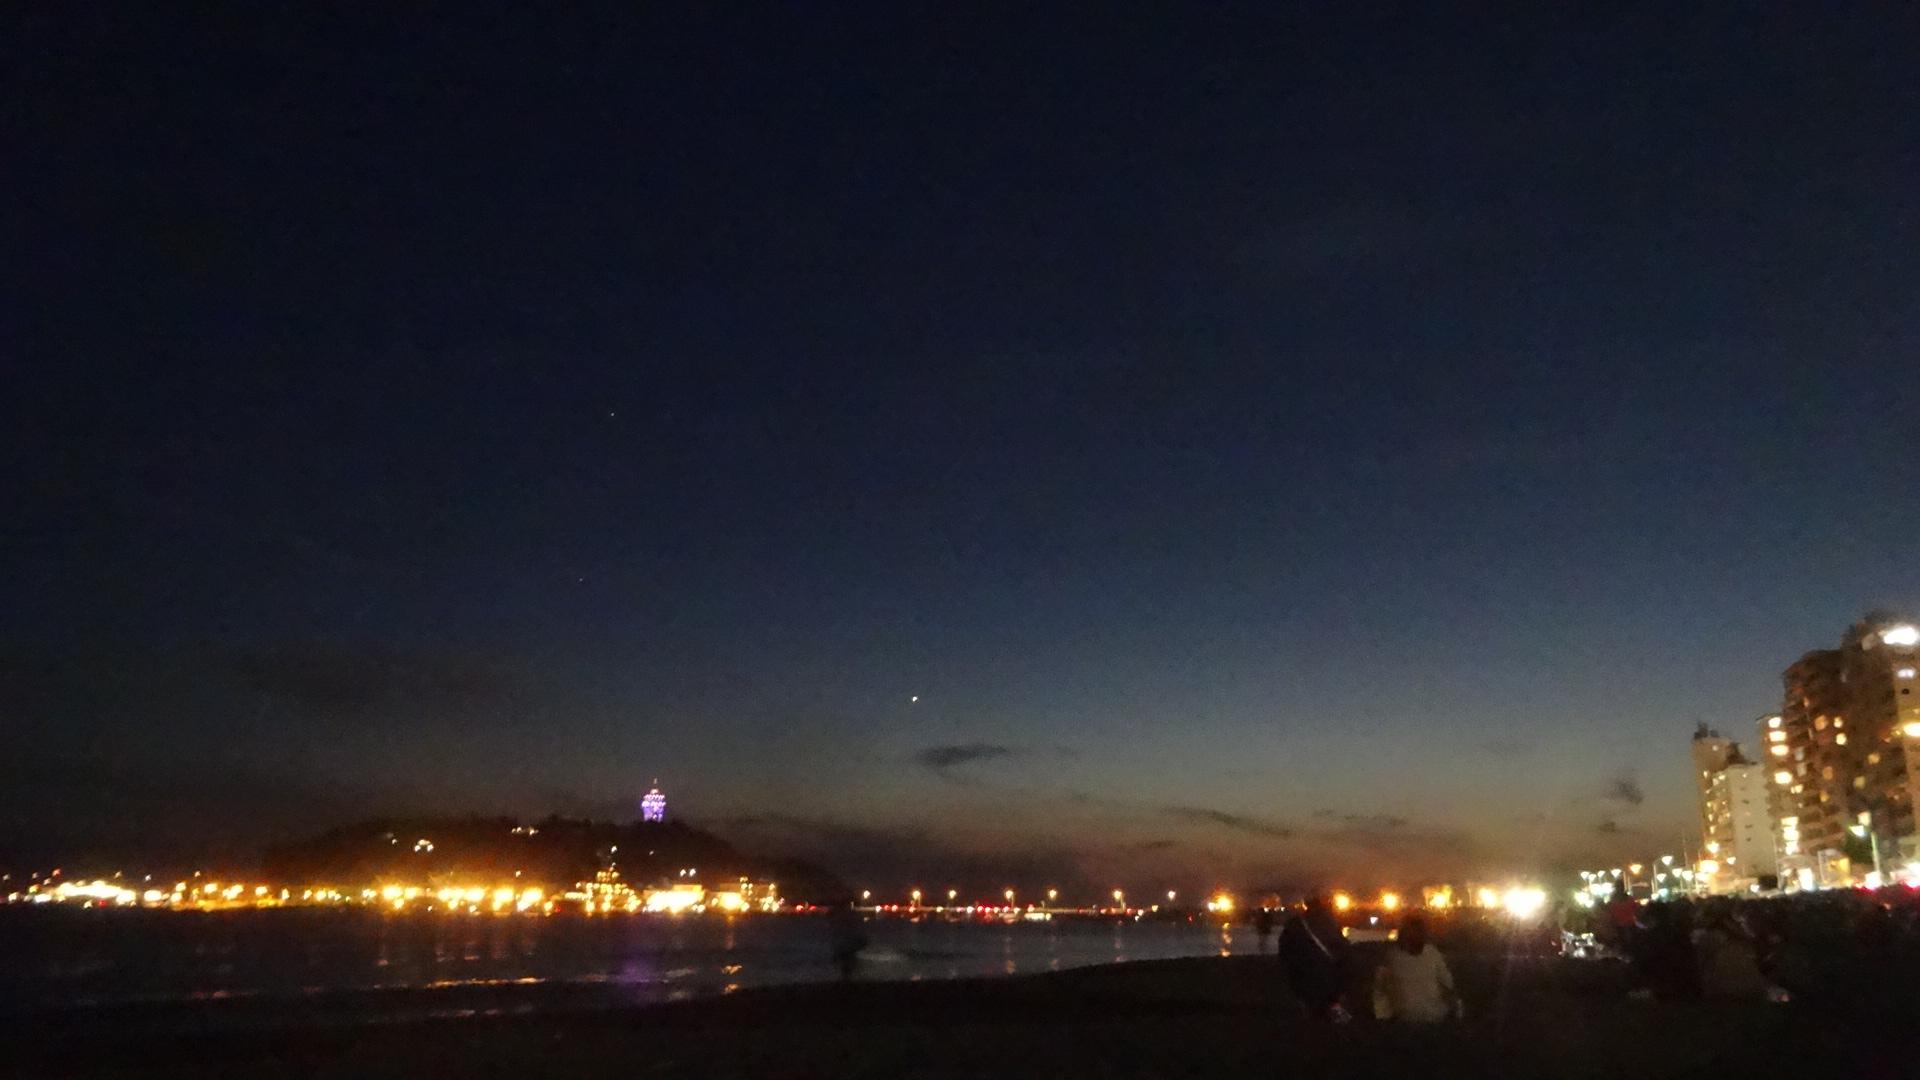 日が沈んだあと 刻一刻と空の蒼さが濃さを増していくさ2